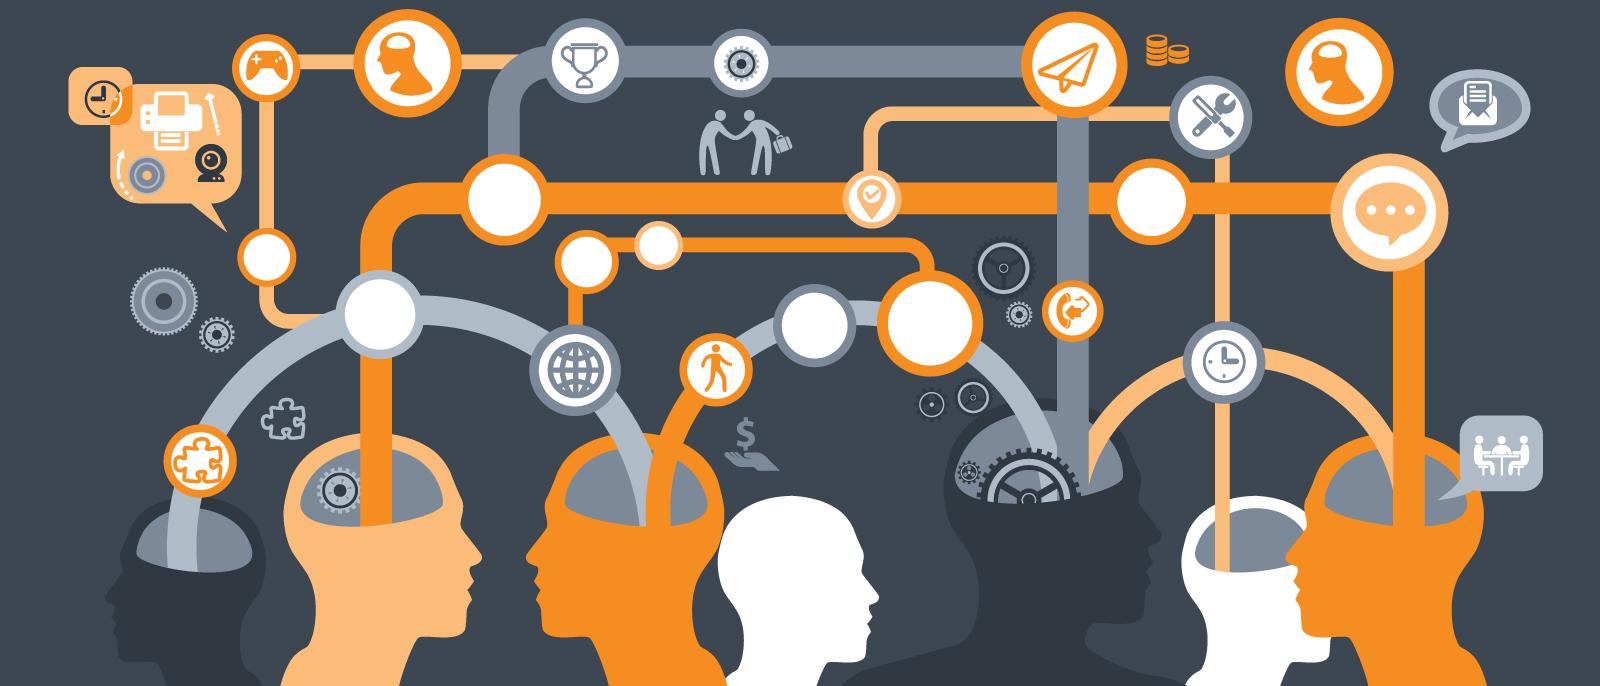 project management mind maps